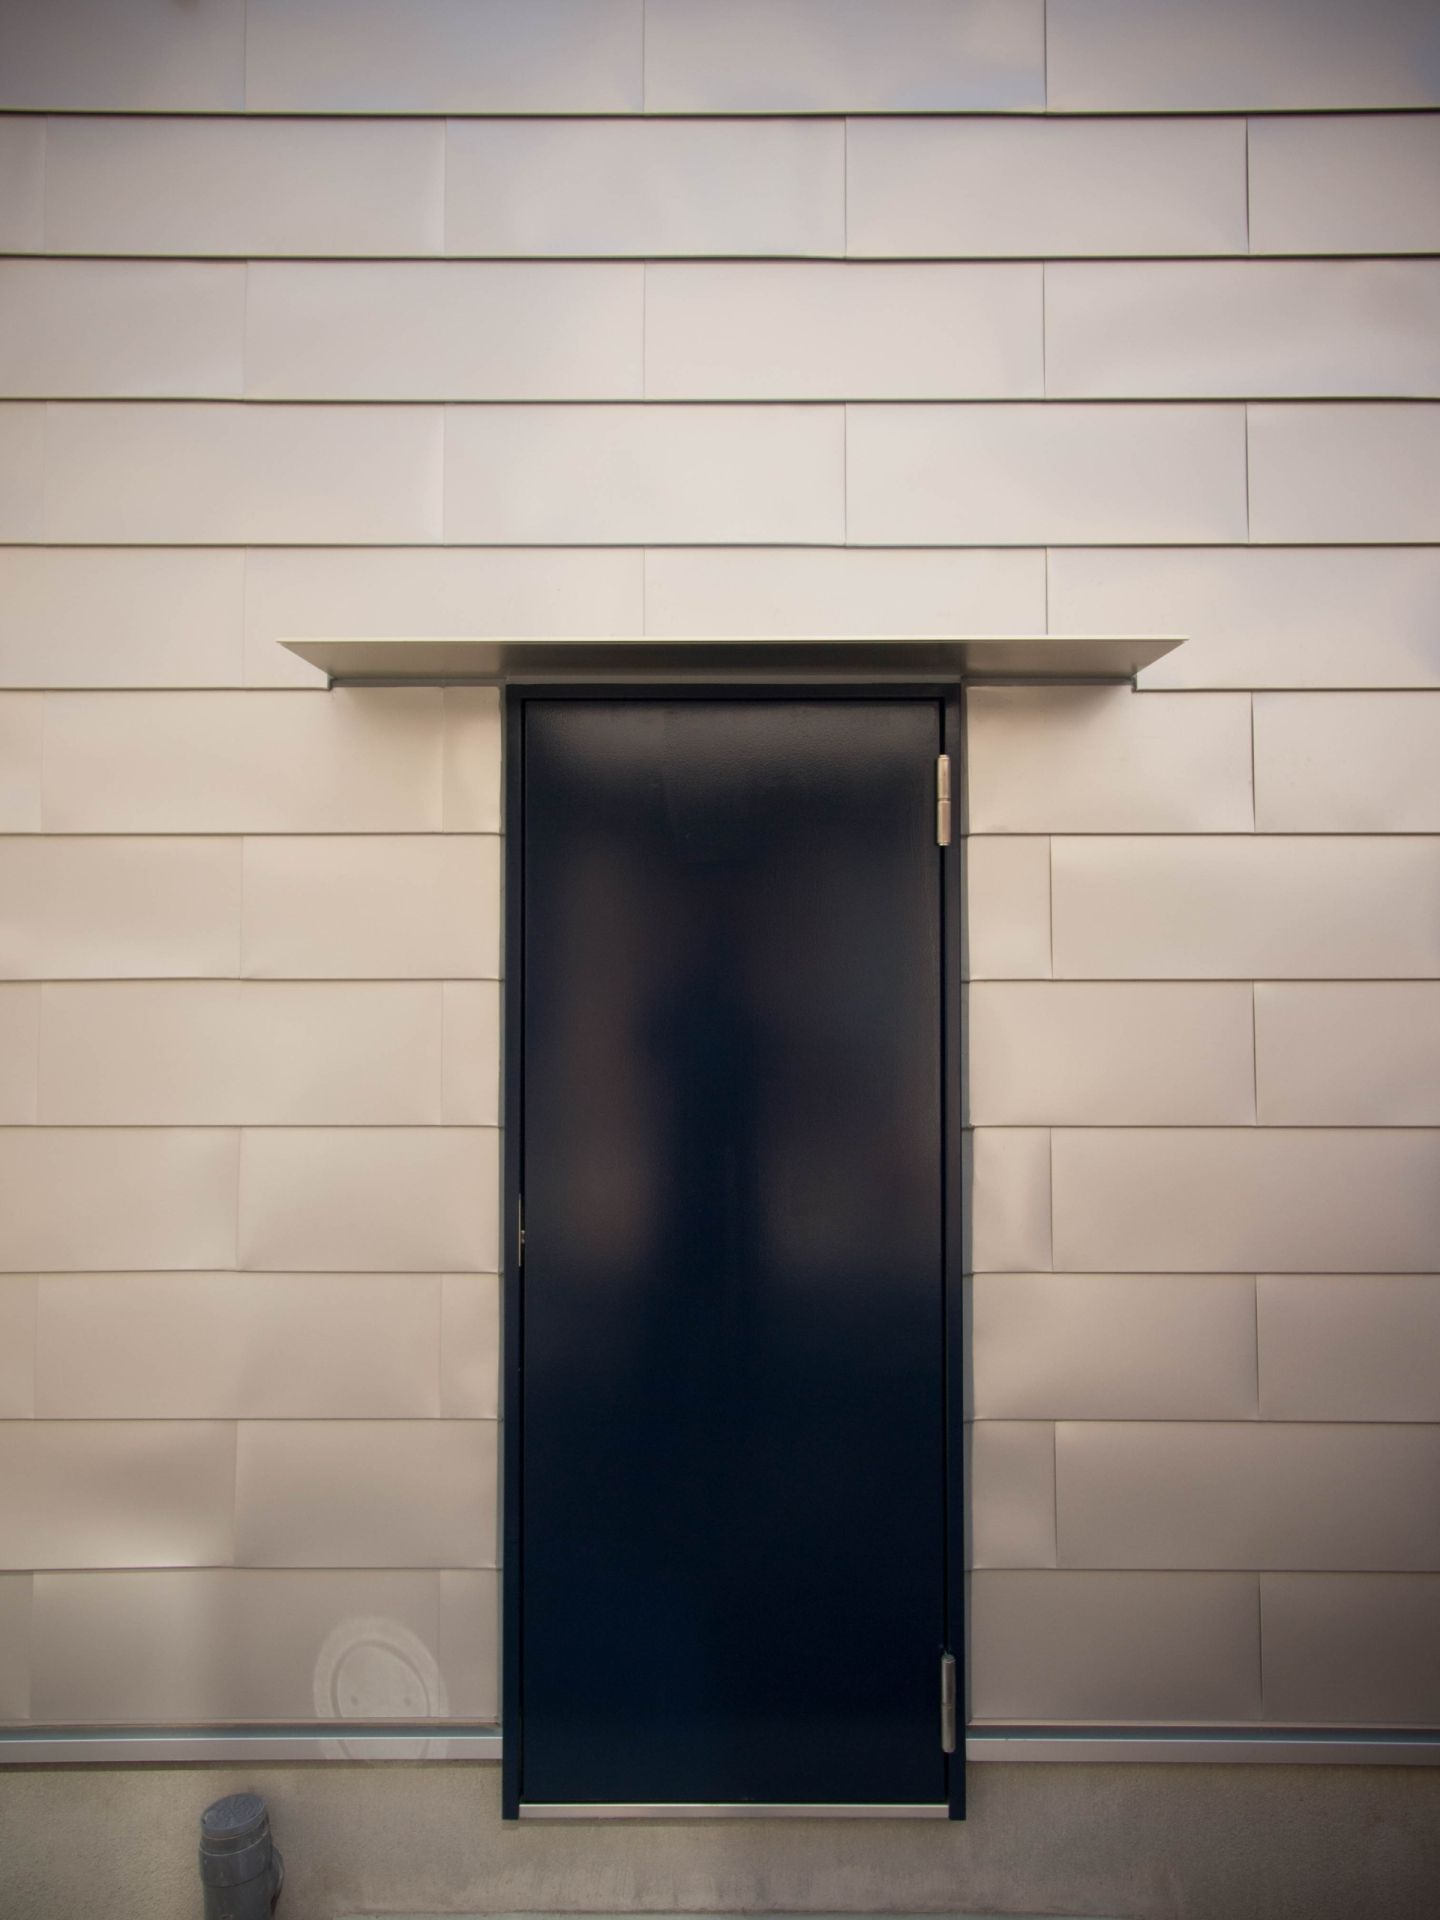 通り庭の家 外からは入らないと決めた勝手口ドアは外にハンドルがない